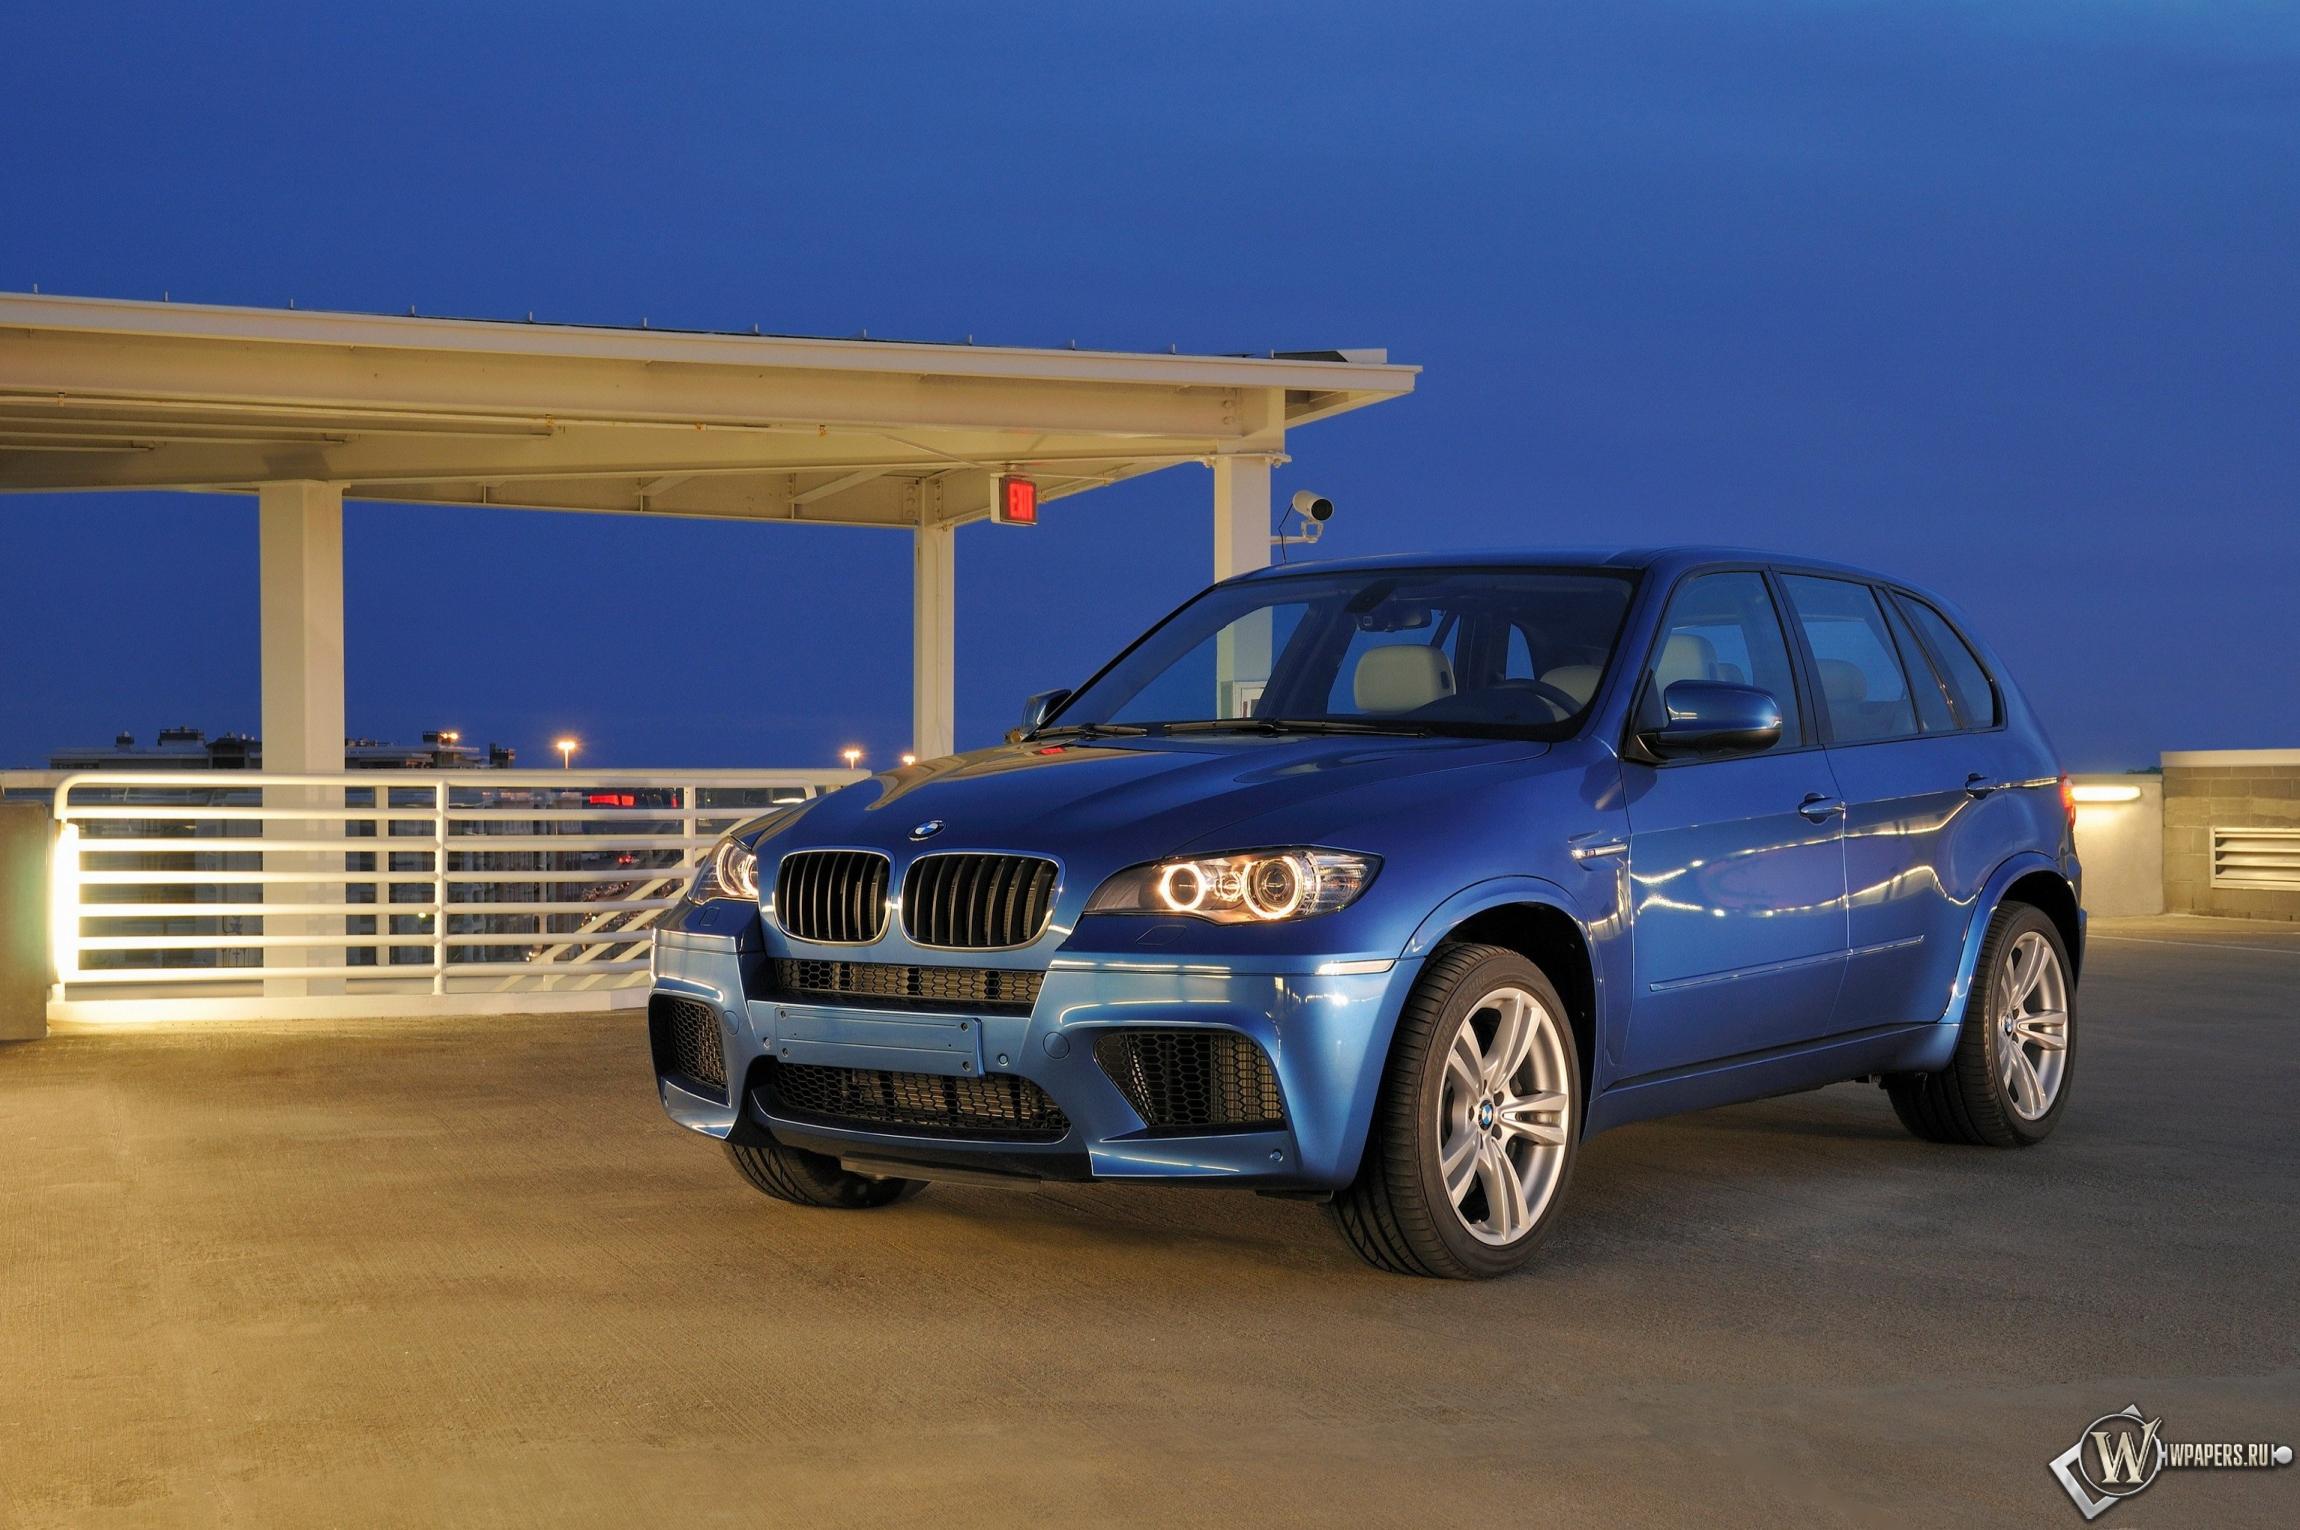 BMW - X5 M (2010) 2300x1530